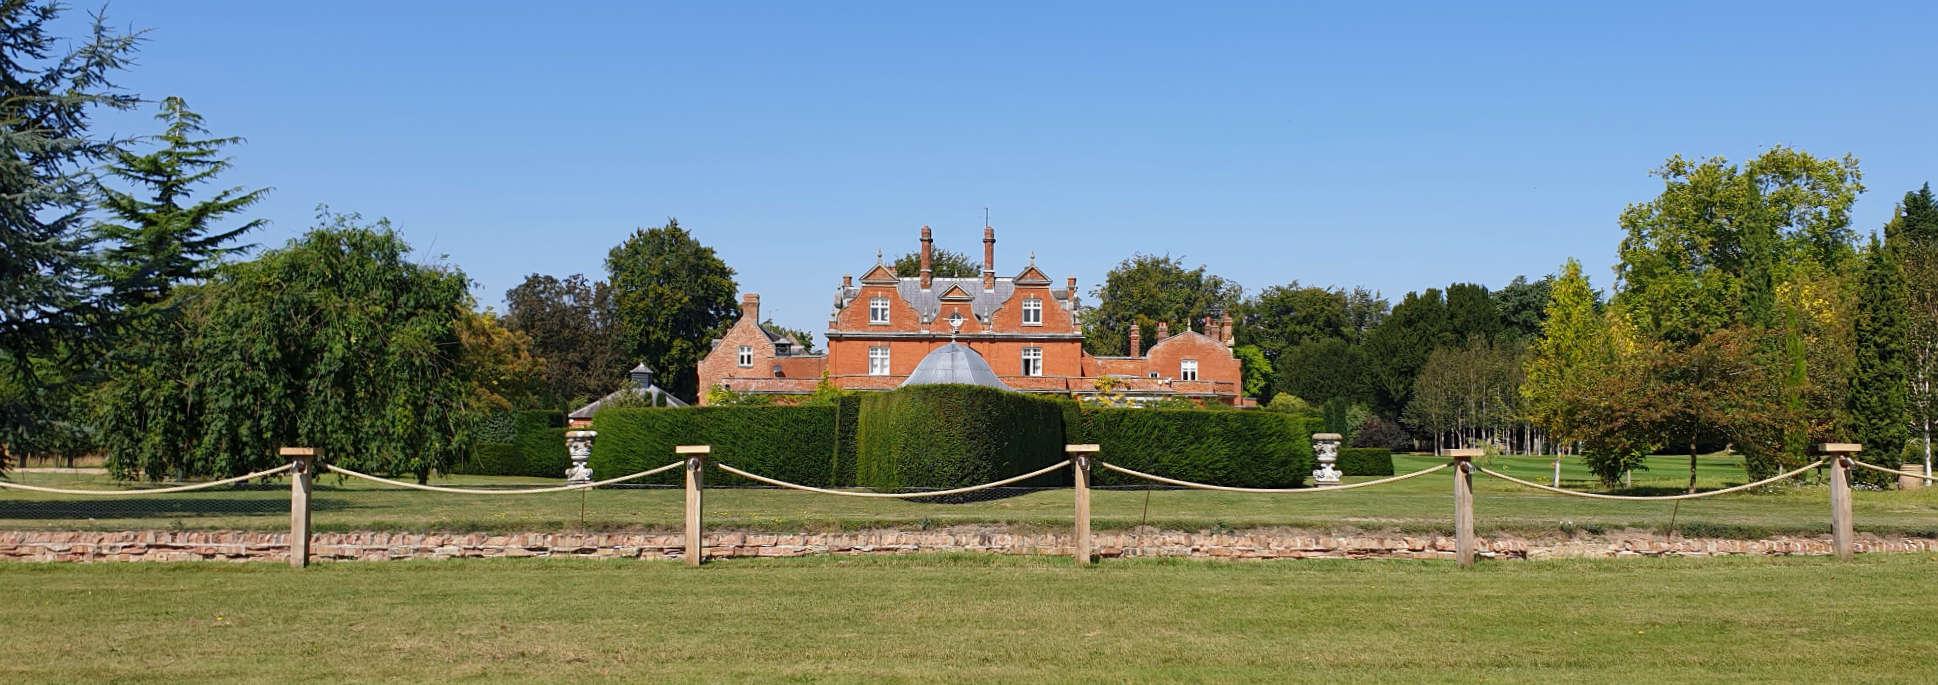 Panoramic view of Chippenham Park wedding venue in Cambridgeshire.